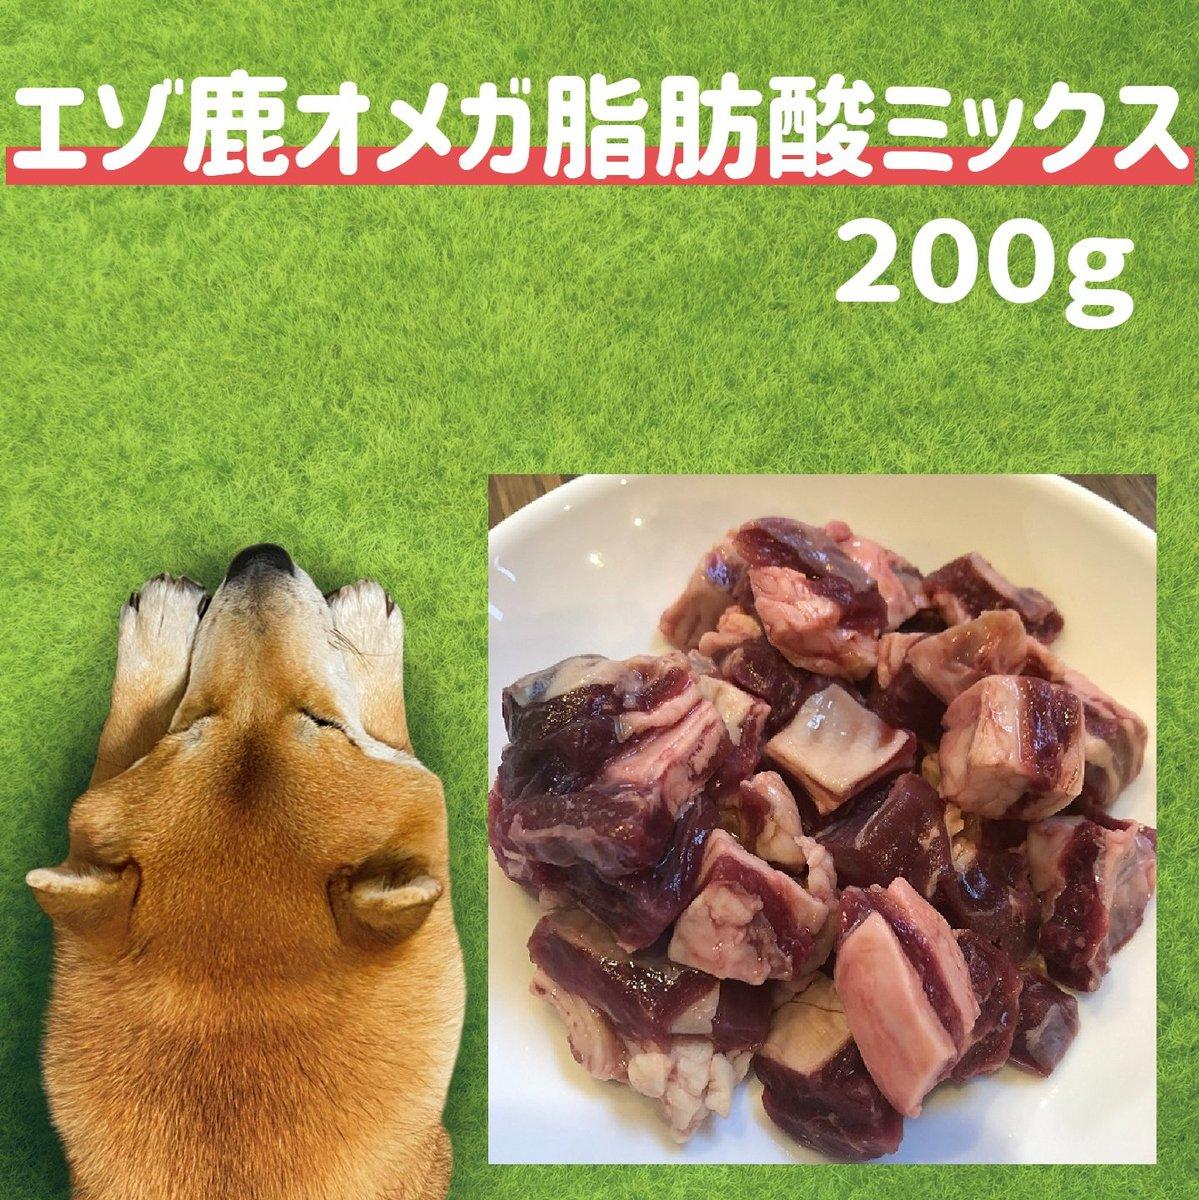 厳選した新鮮なエゾ鹿肉赤身肉と皮膚にいい鹿肉の脂肪をミックスした珍しい生肉です 鹿の脂肪はオメガ脂肪酸を含むので犬の膿皮症にも効果が高いと言われております 犬用 生肉 エゾ鹿肉 オメガ脂肪酸ミックス 200g 犬 膿皮症 フード 国産 歯石 ウエットフード トッピング 数量限定アウトレット最安価格 シカ肉 ご飯 ドッグフード ベニソン ごはん 新作送料無料 皮膚病 手作り 無添加